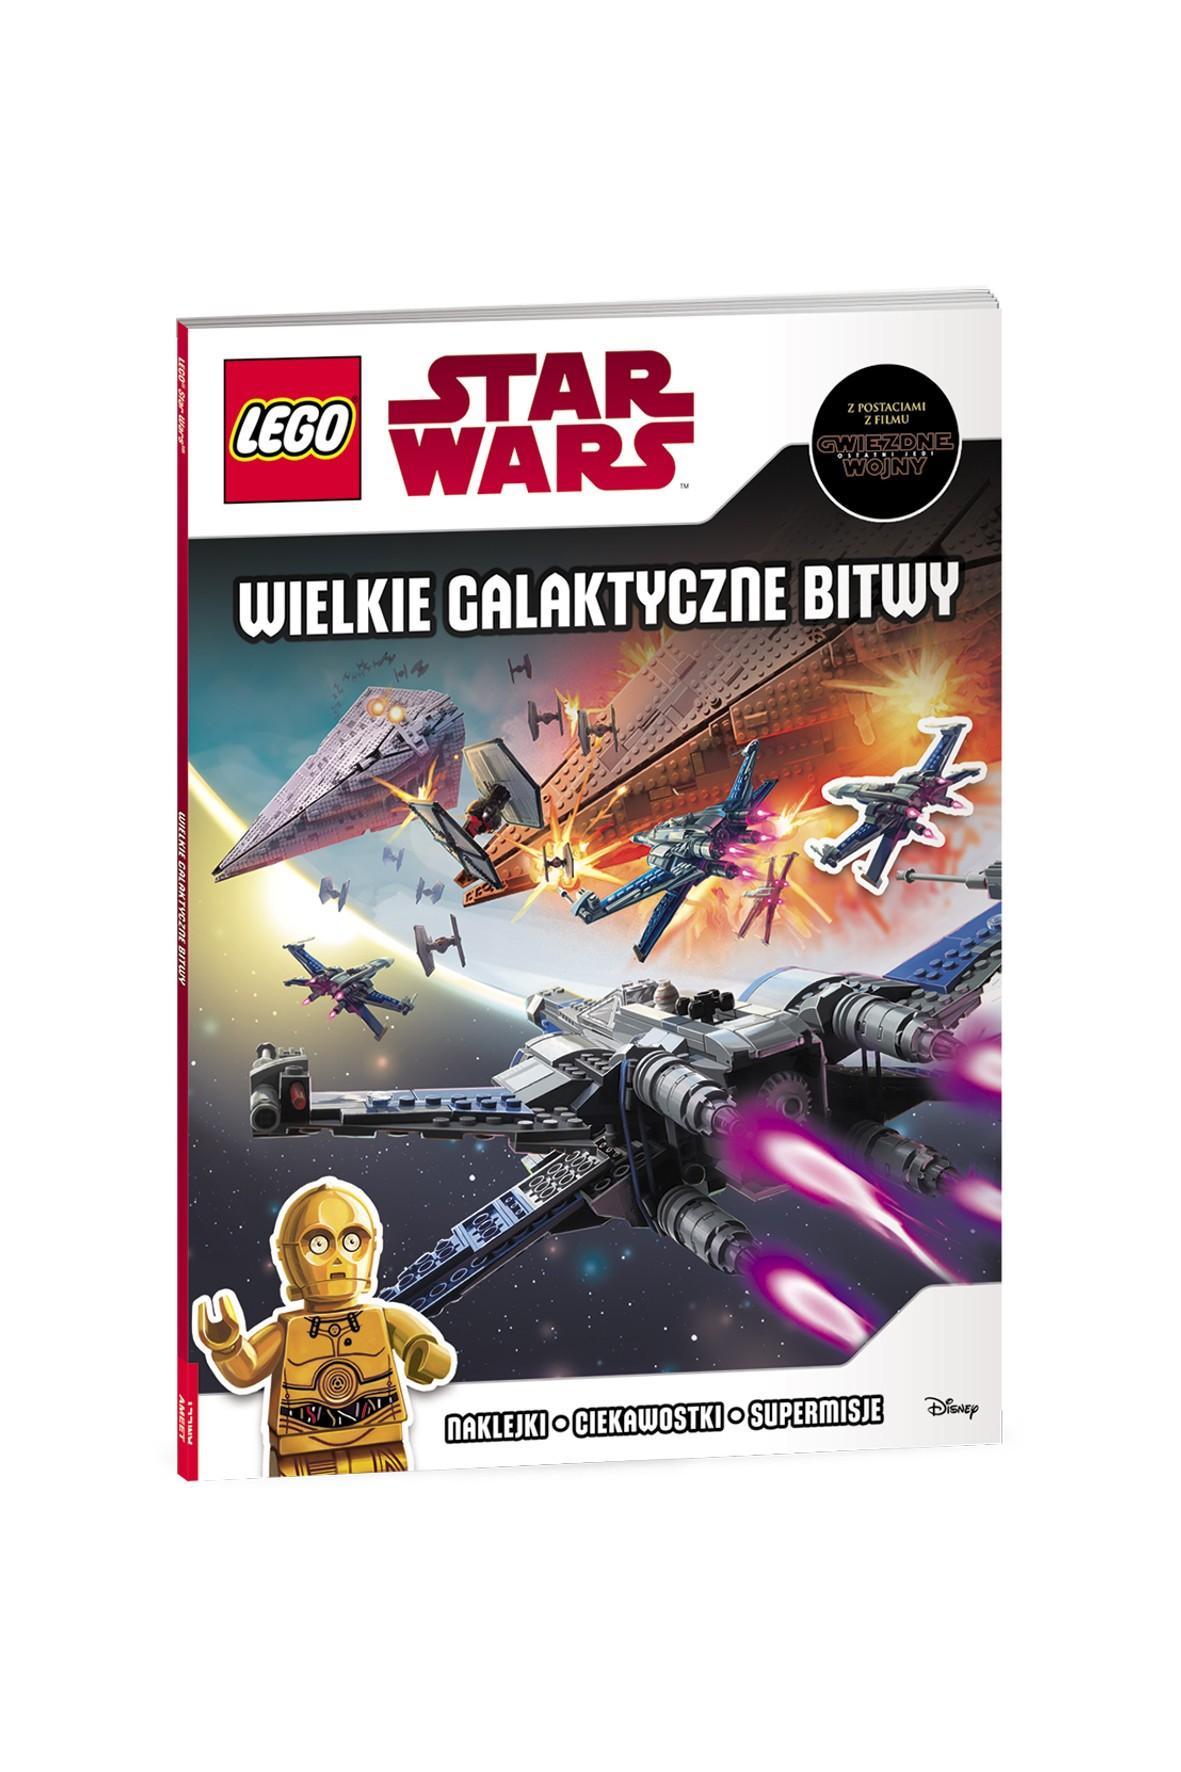 Lego Star Wars. Wielkie Galaktyczne Bitwy